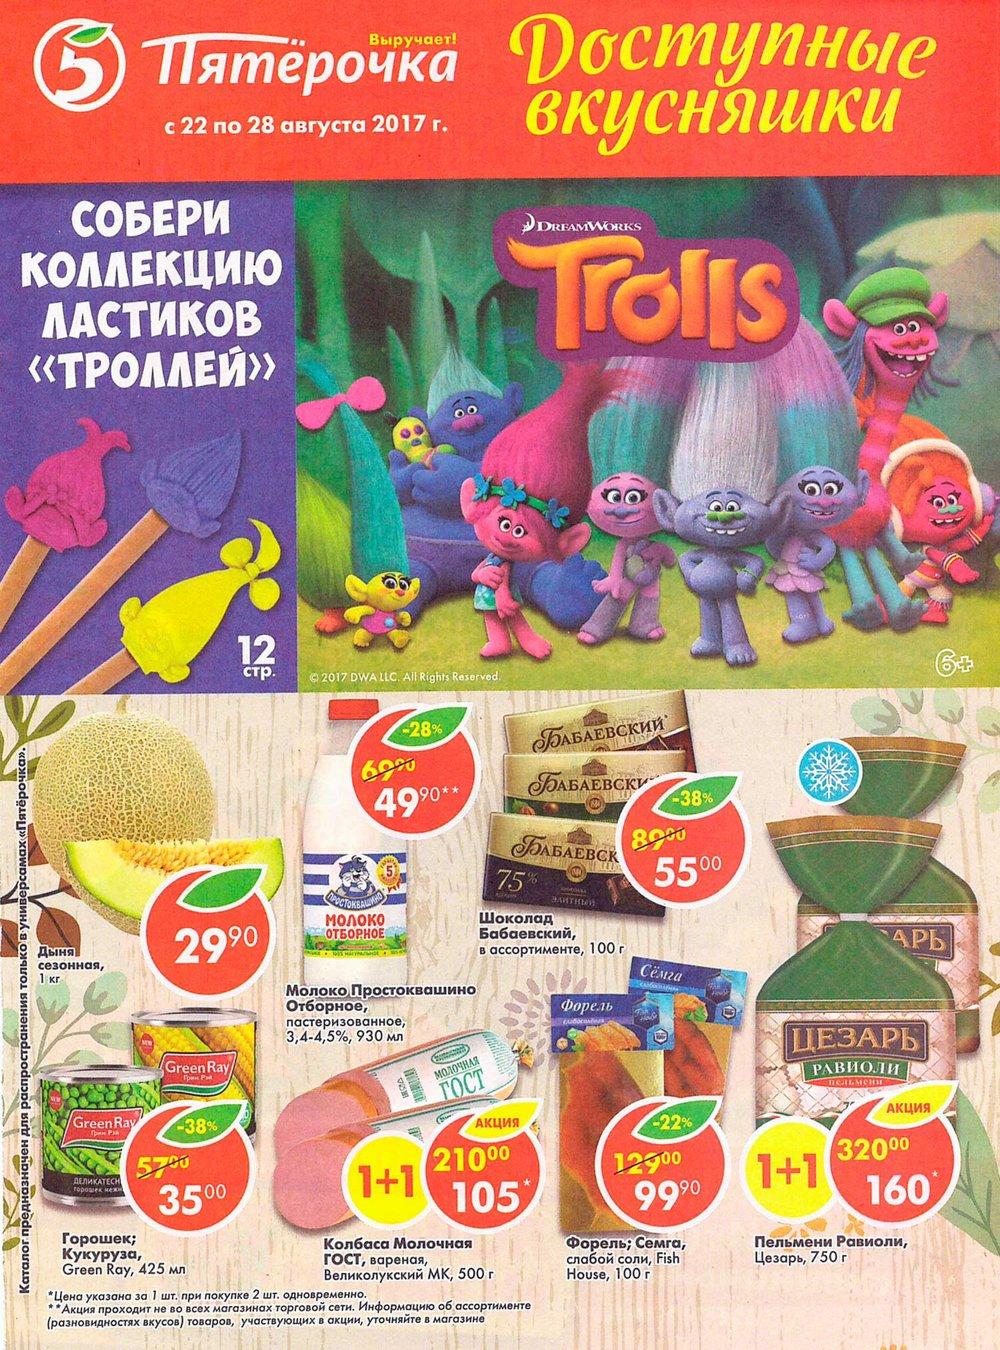 Каталог акций Пятерочка с 22 по 28 августа 2017 - стр. 1